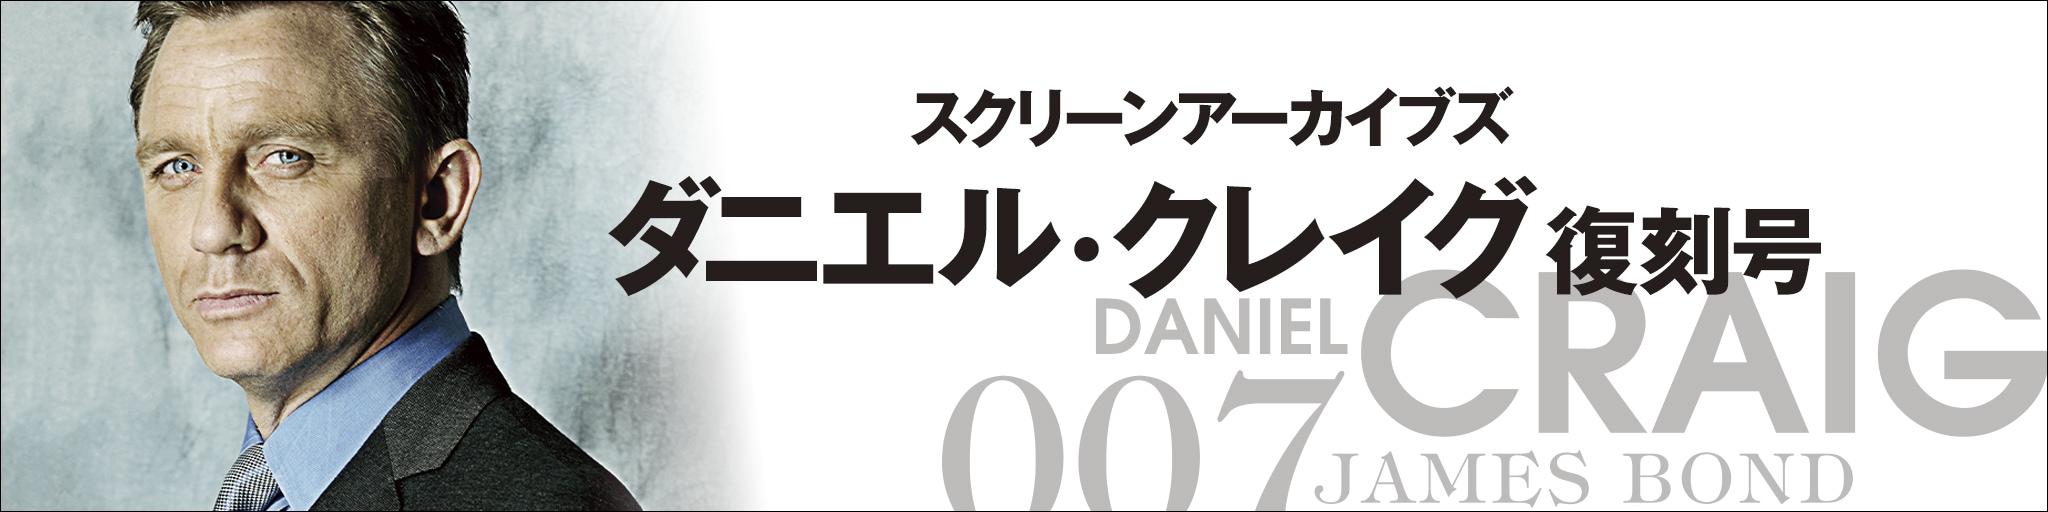 ダニエル・クレイグ